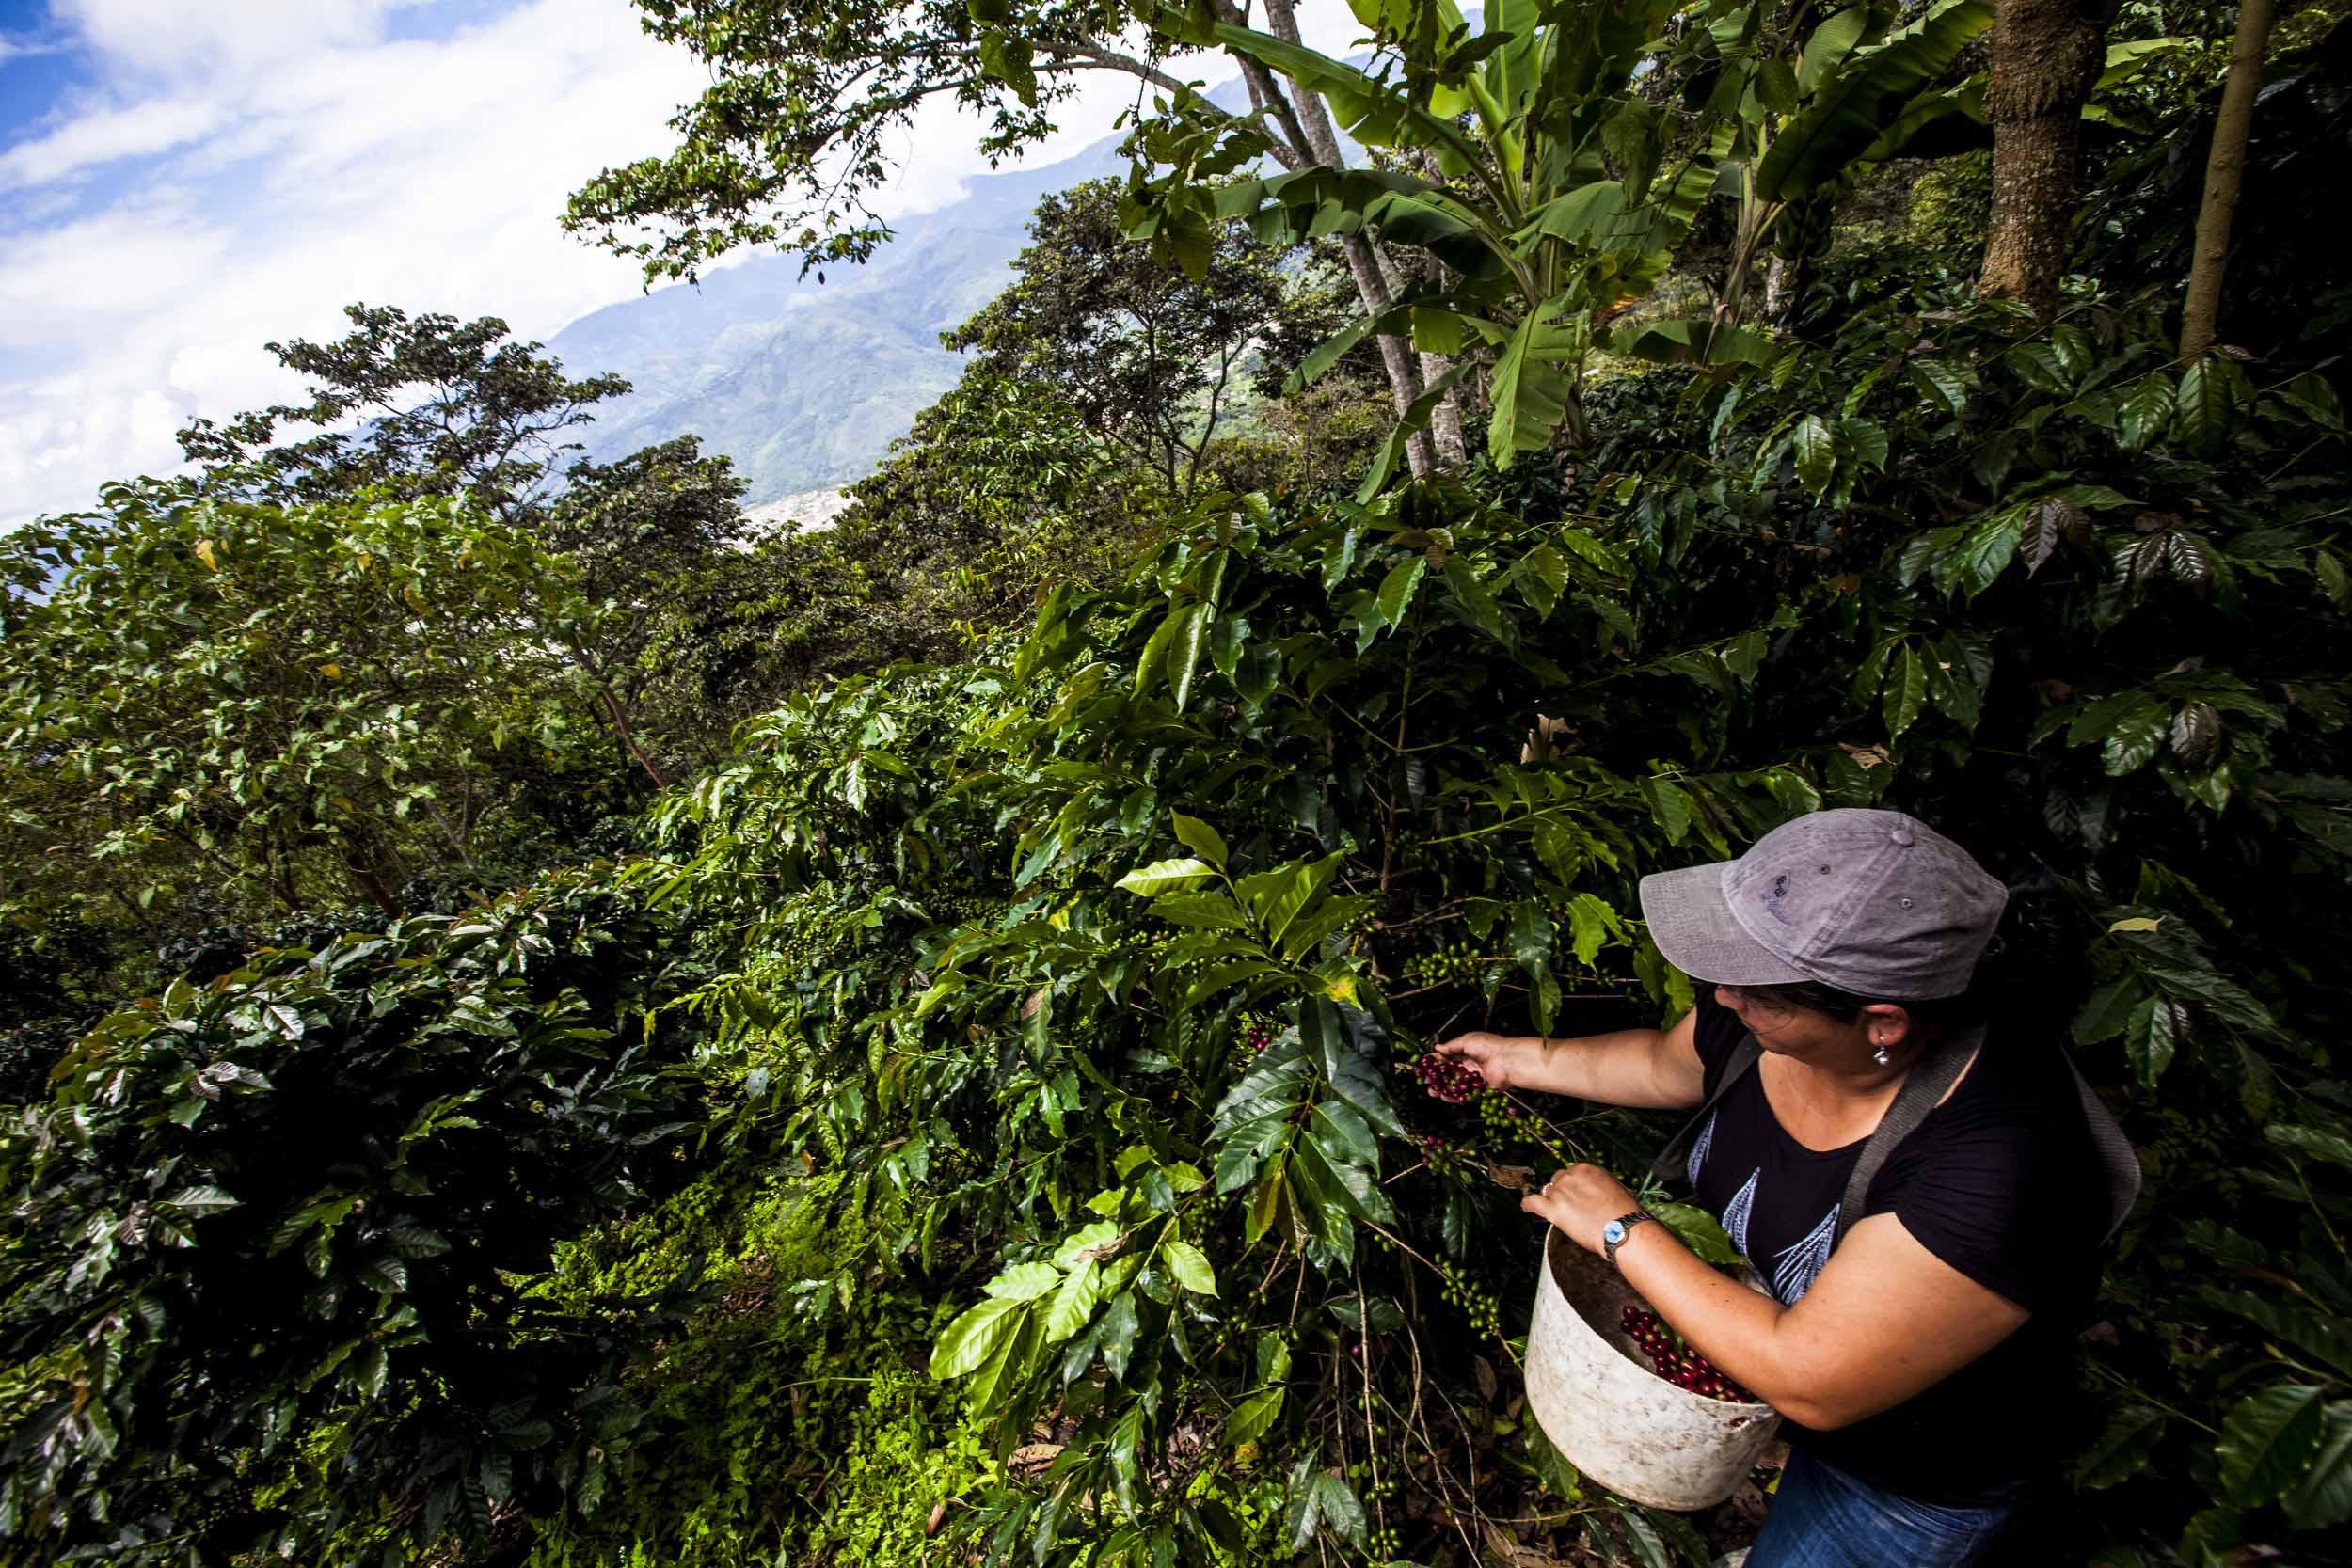 Nace clúster de café en la Selva Central